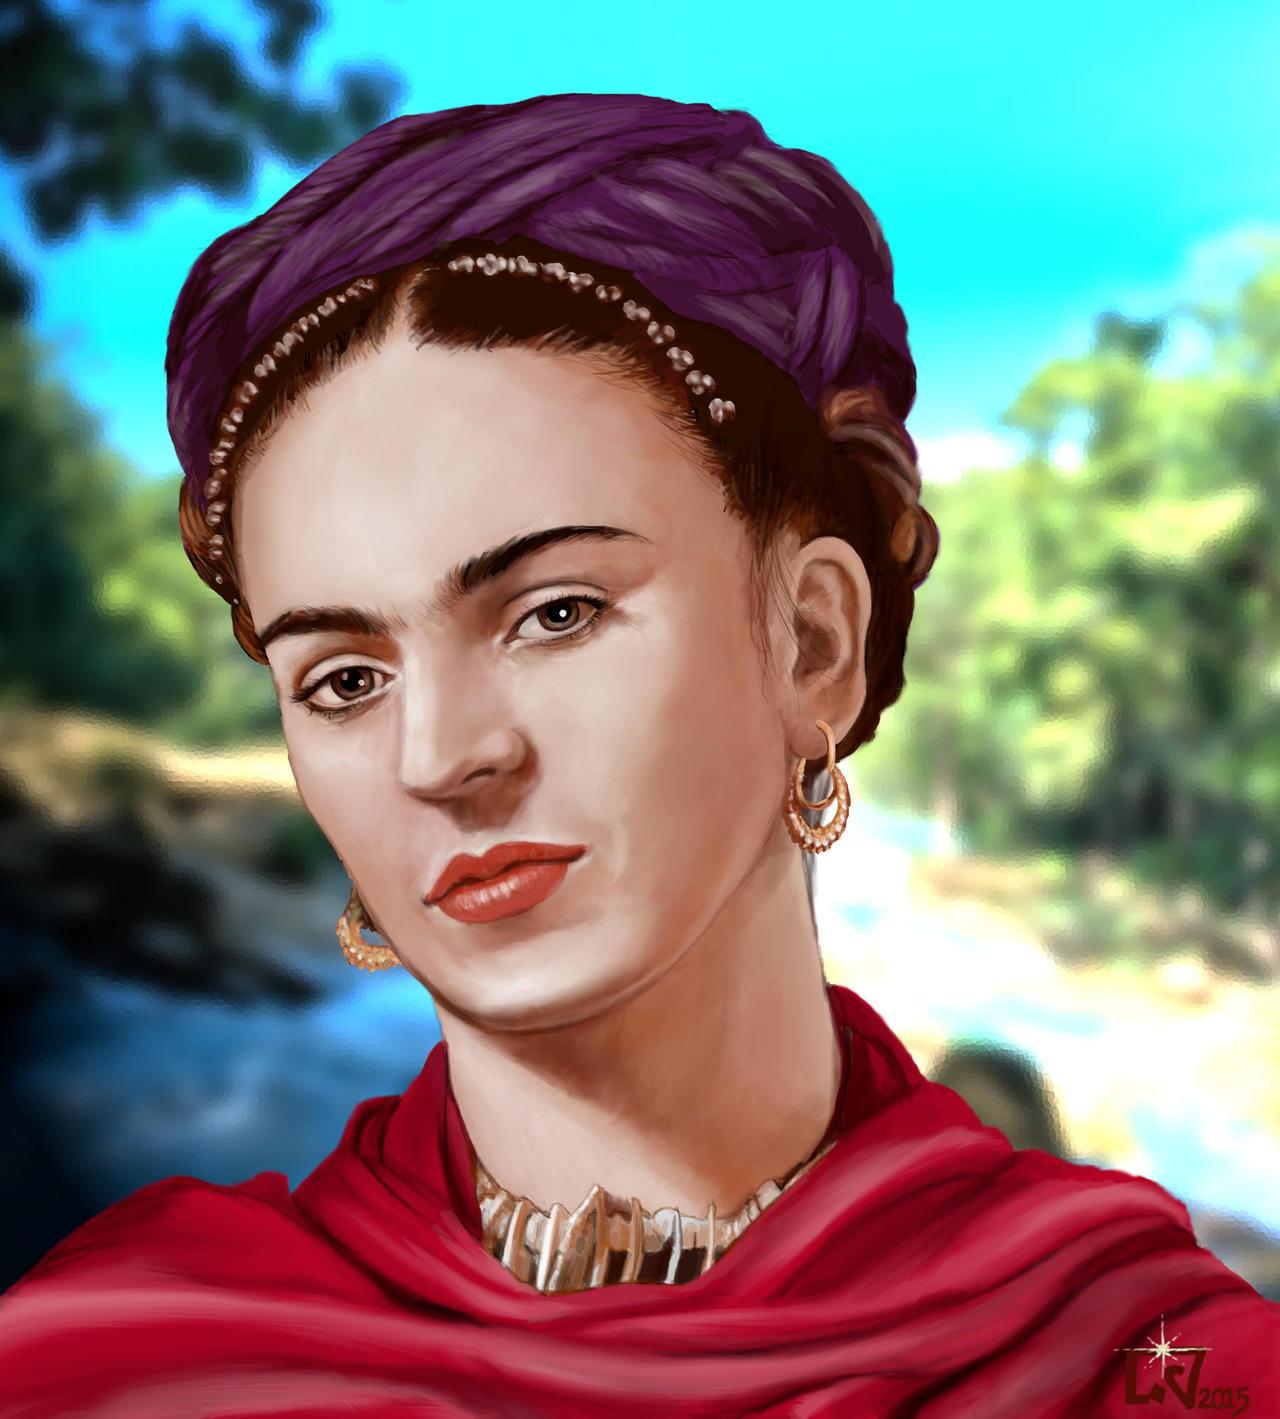 Frida Kahlo - Viva la Vida - vive la vie by che38